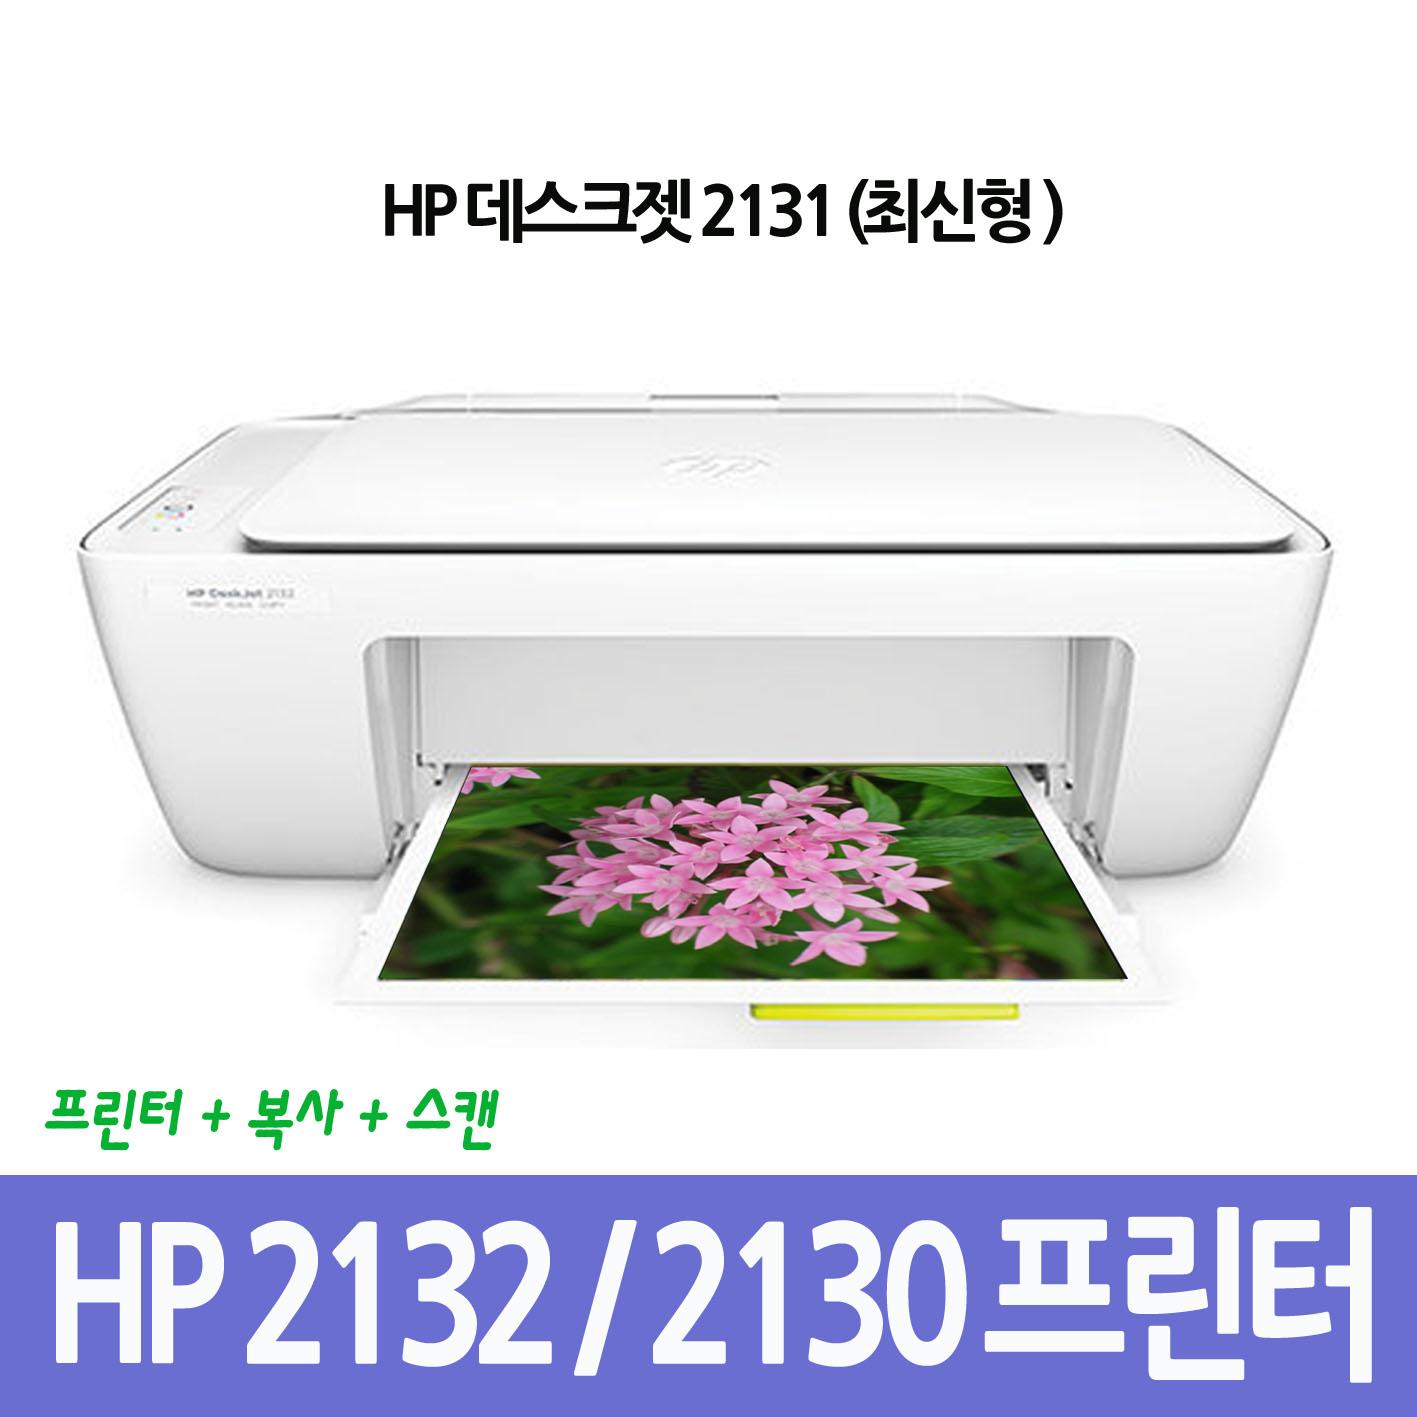 HP 데스크젯 2131 2130 2132 프린터 잉크젯 복합기, 화이트, HP2131(정품잉크포함)